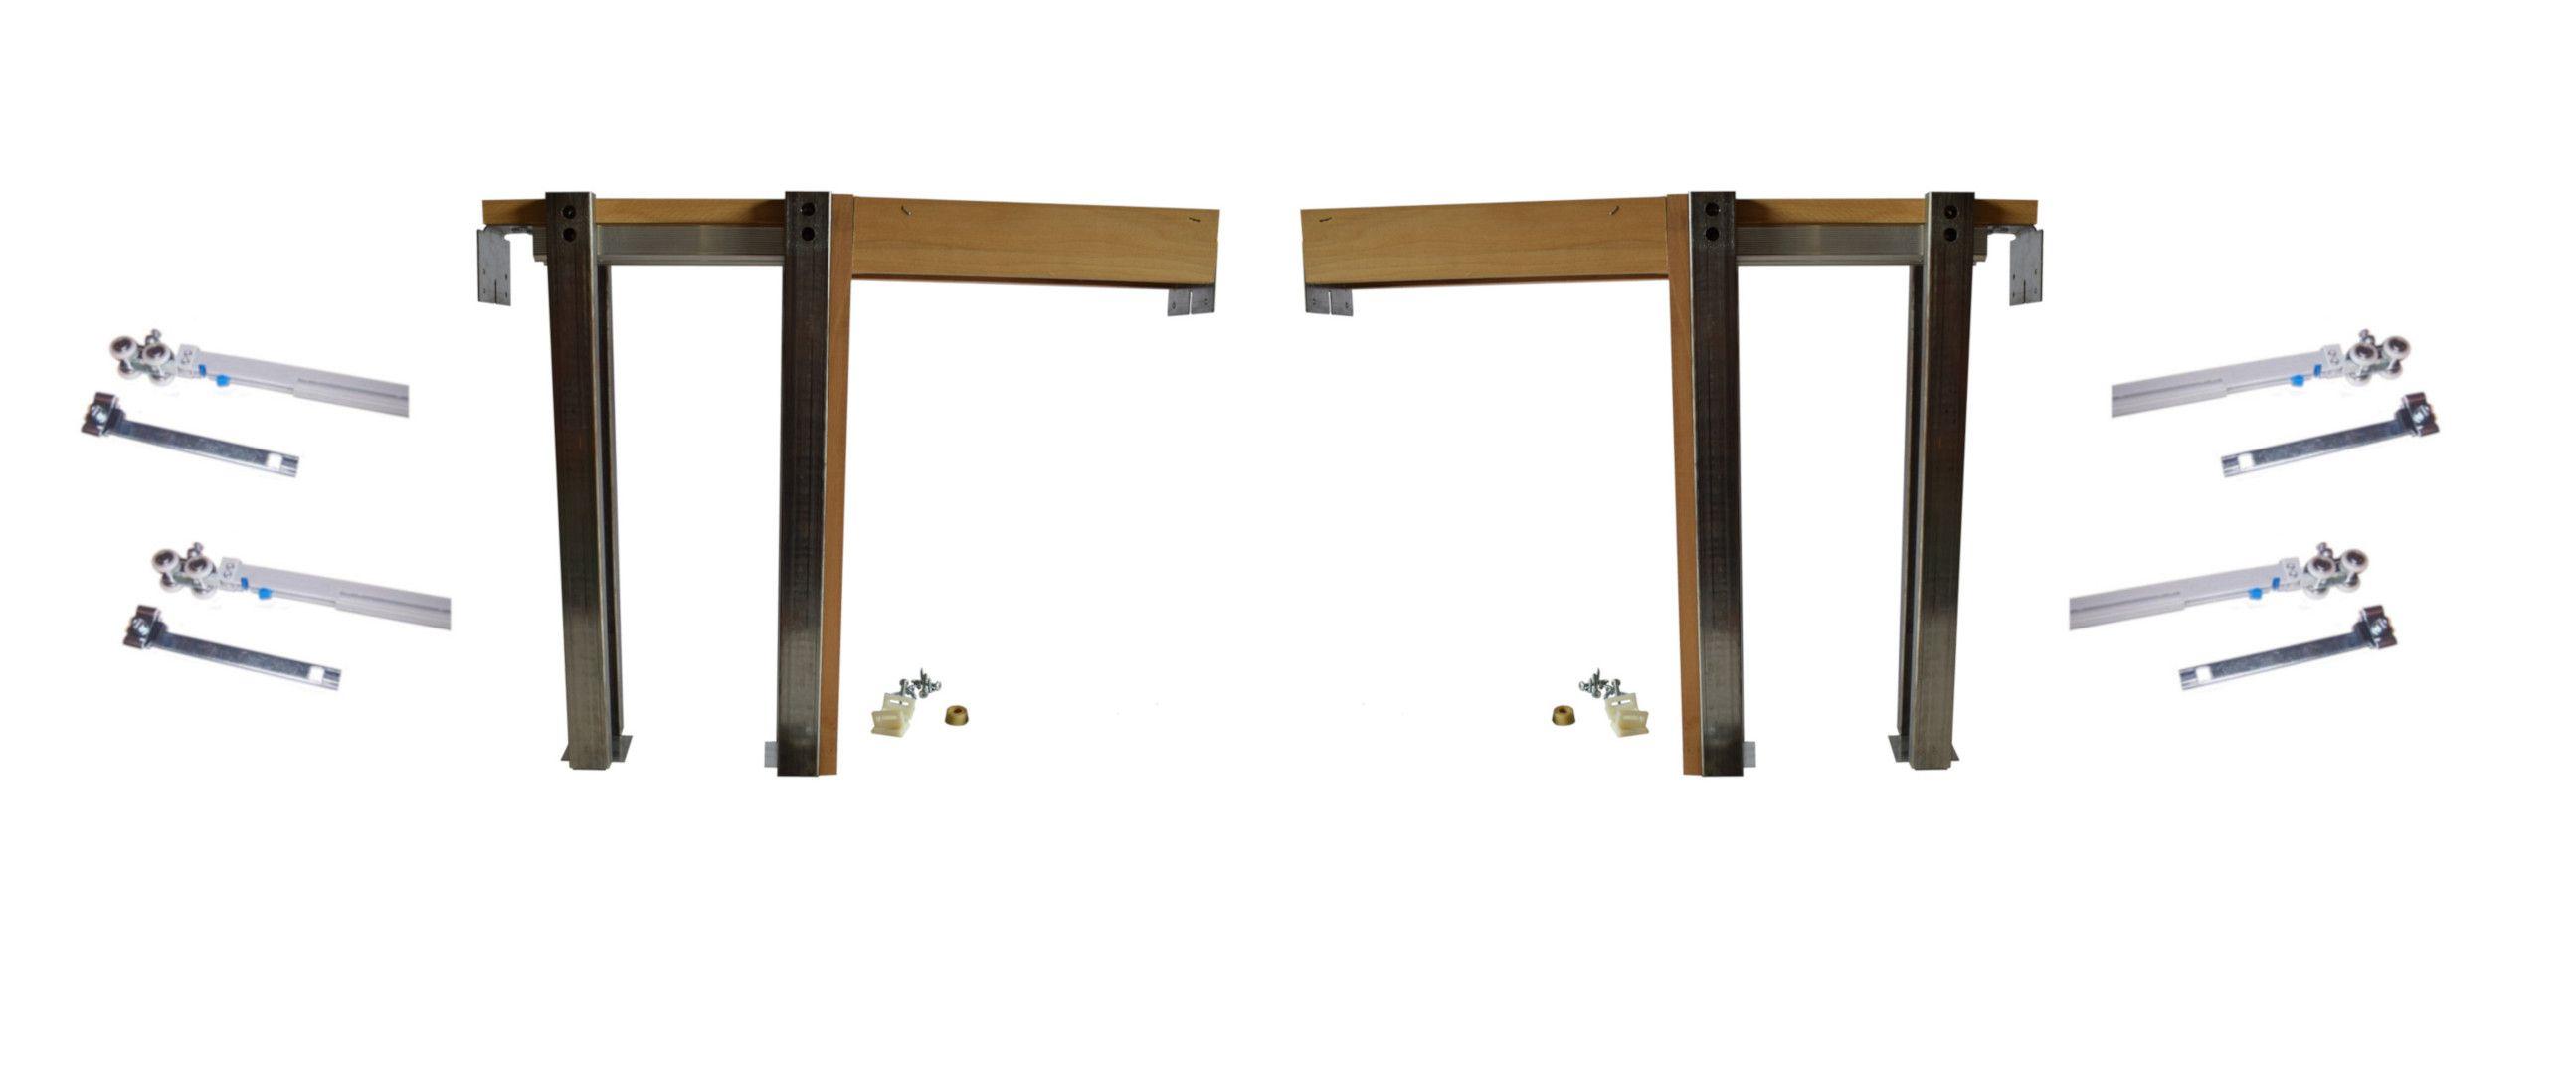 2650 Series Single Pocket Door Frame Kit With Soft Close Soft Open Pocket Door Frame Pocket Doors Door Frame